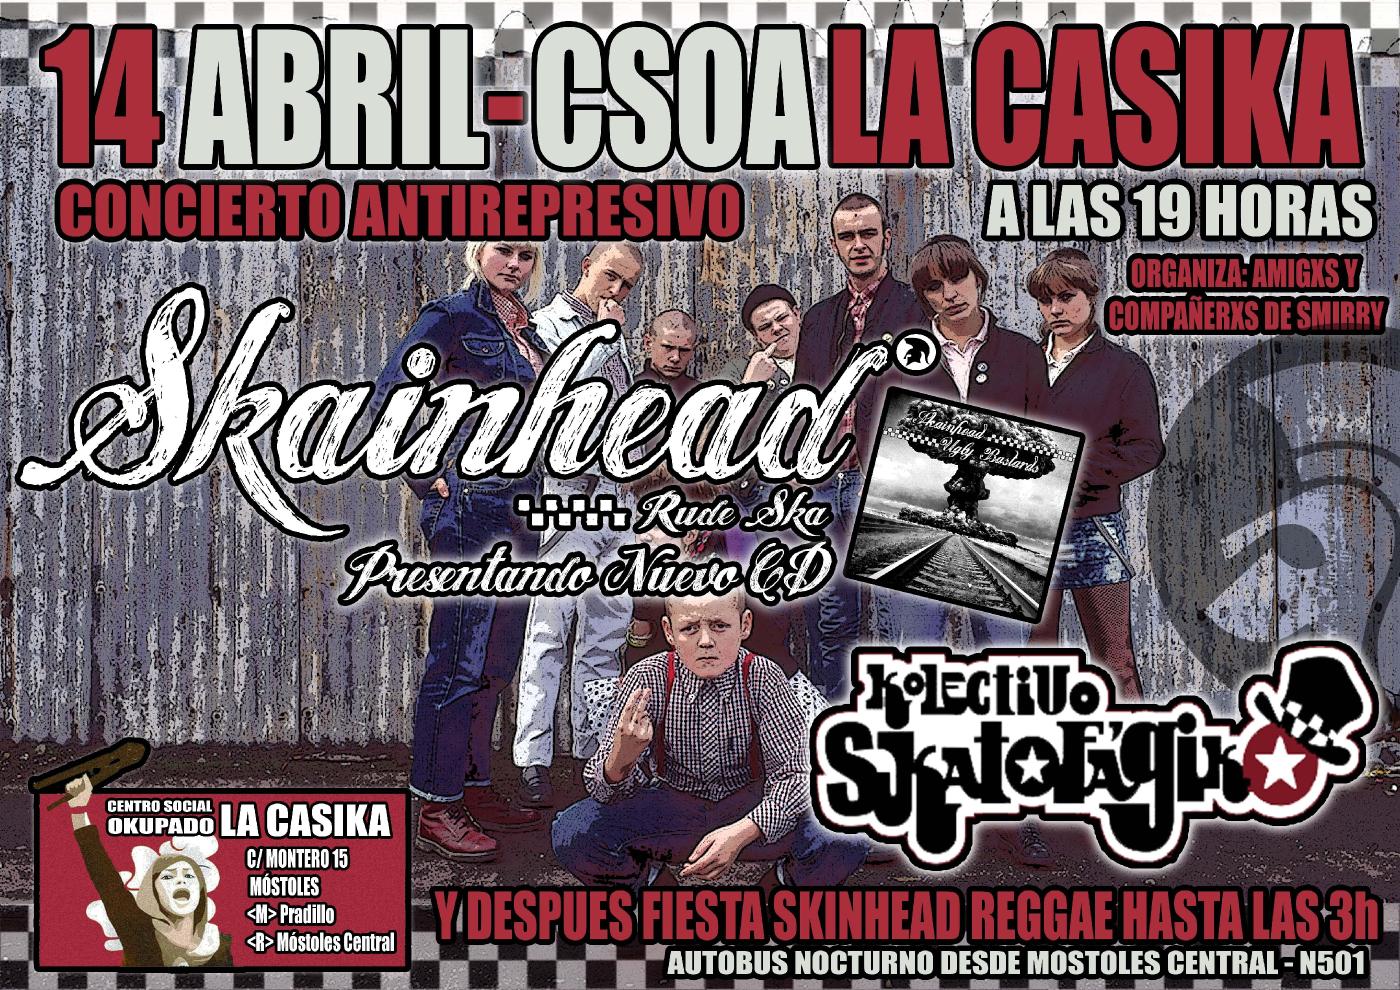 concierto antirrepresivo skainhead kolectivo skatofagiko